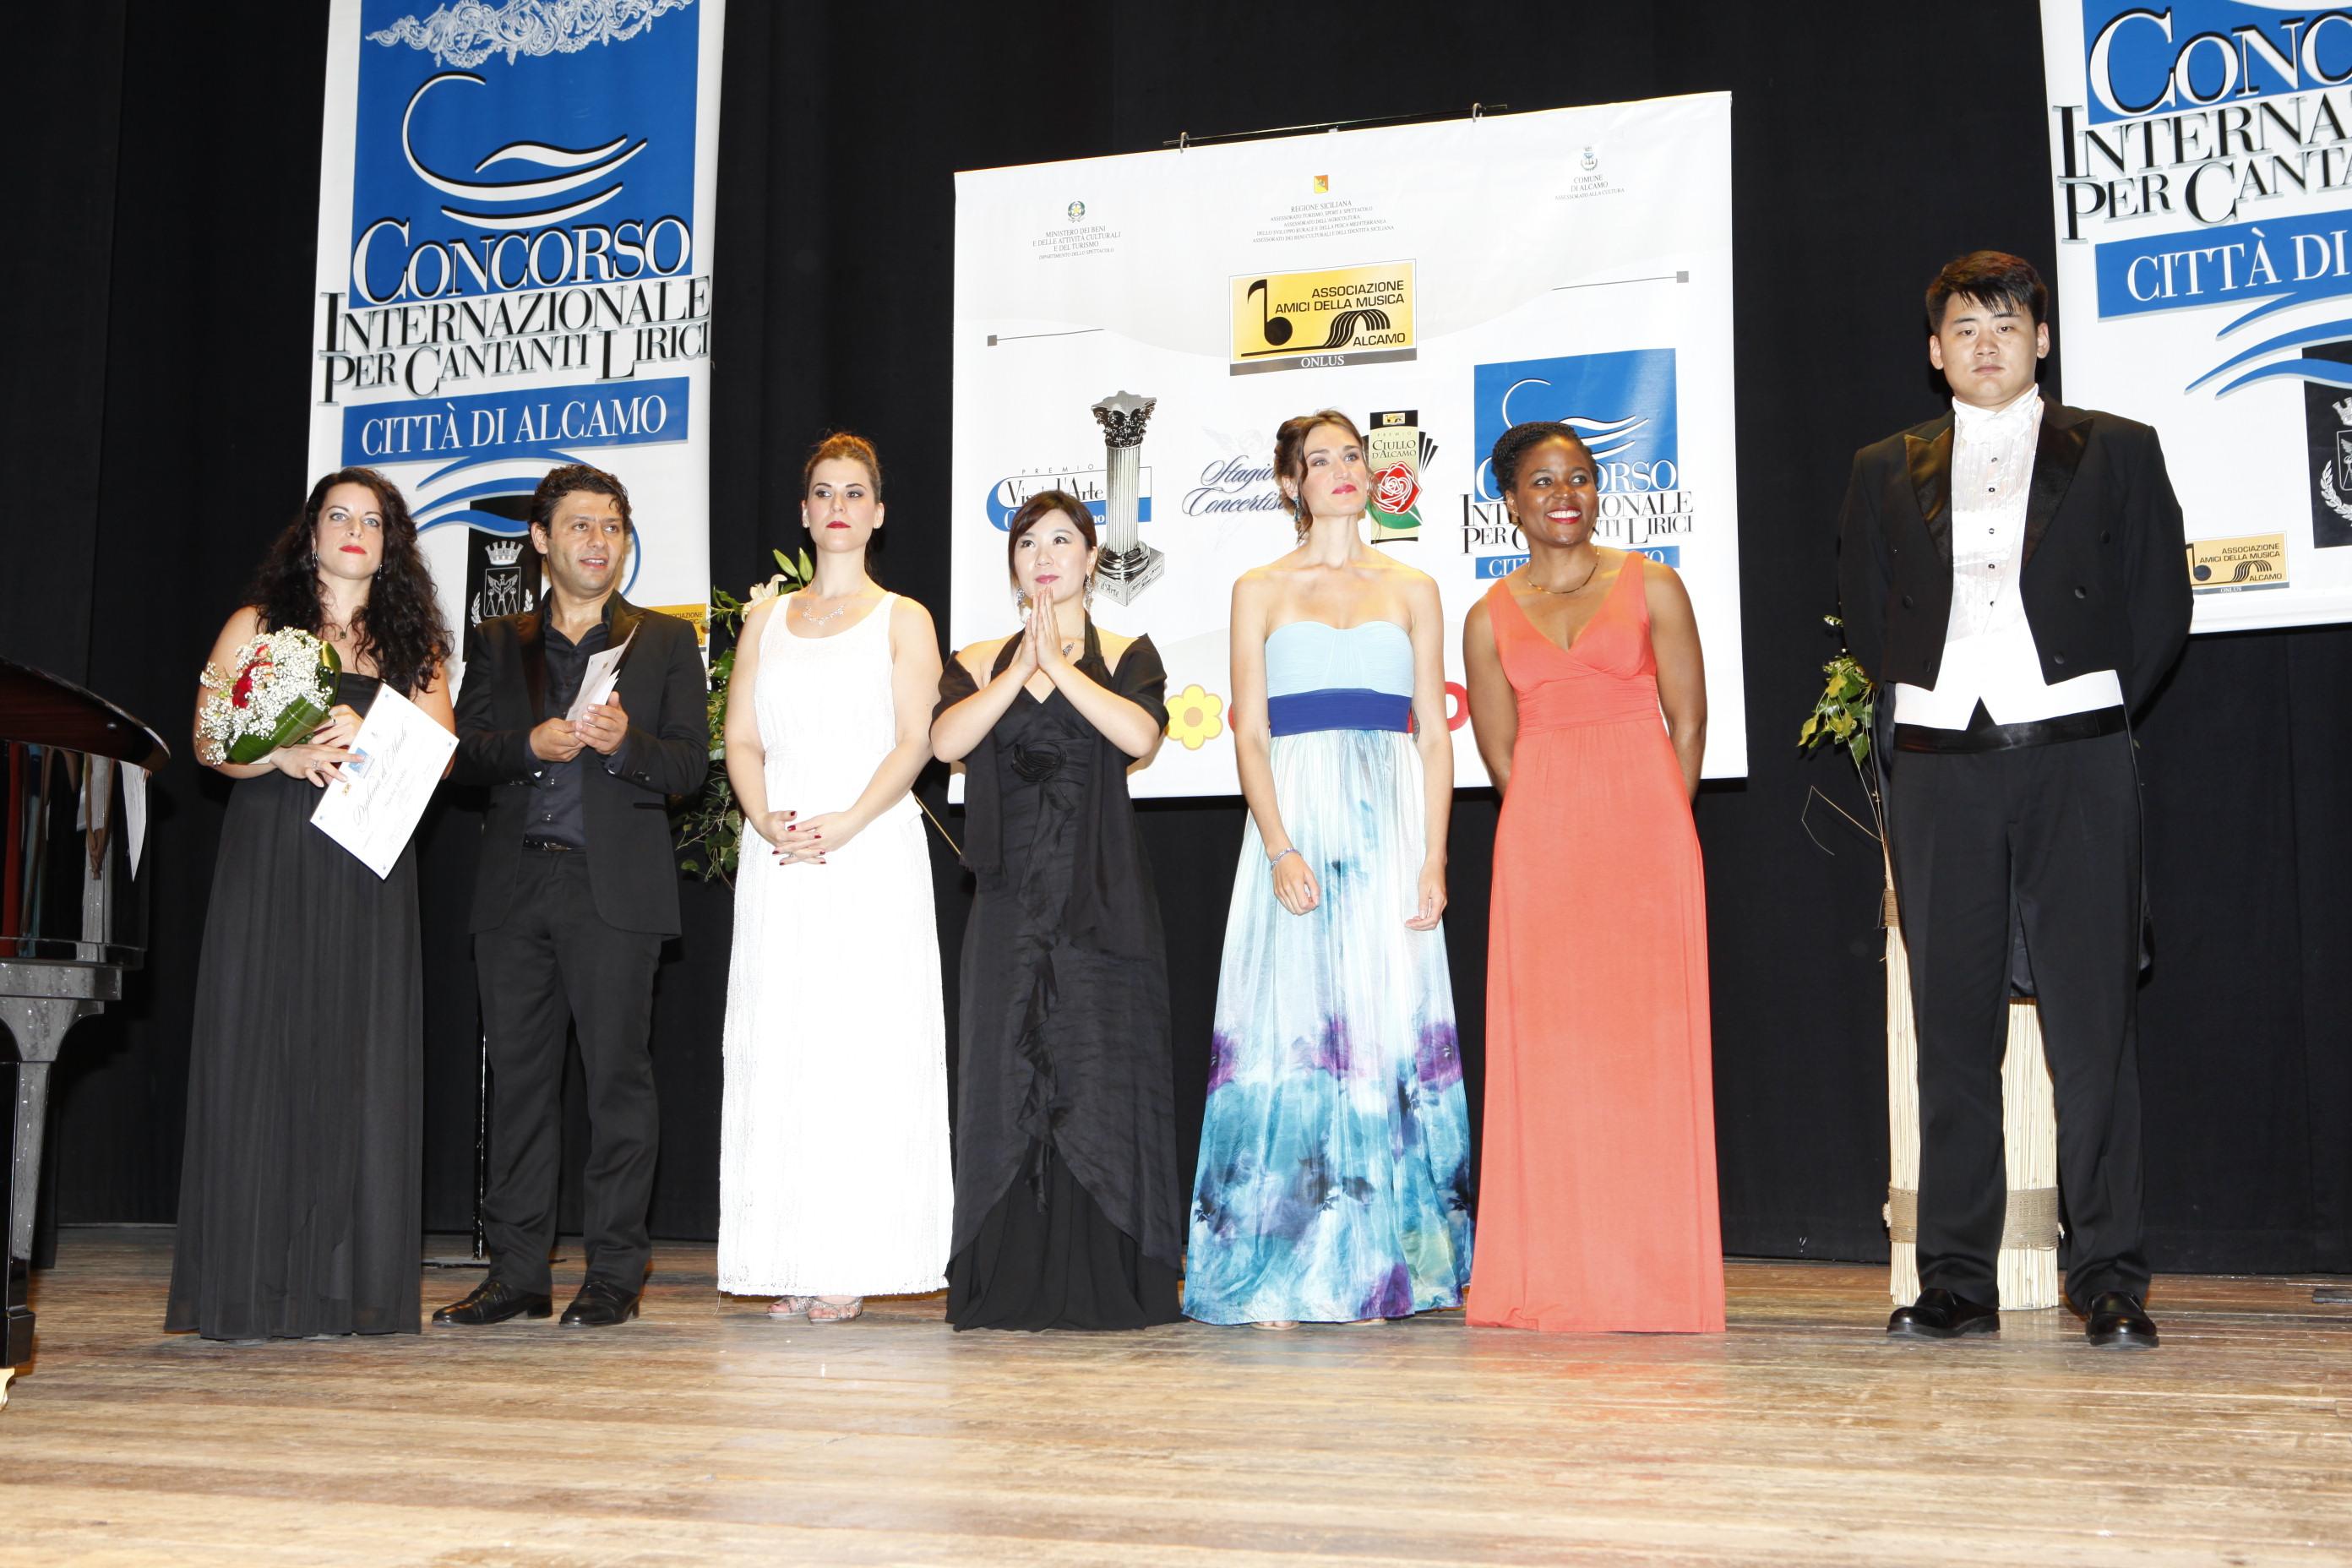 finalisti musica